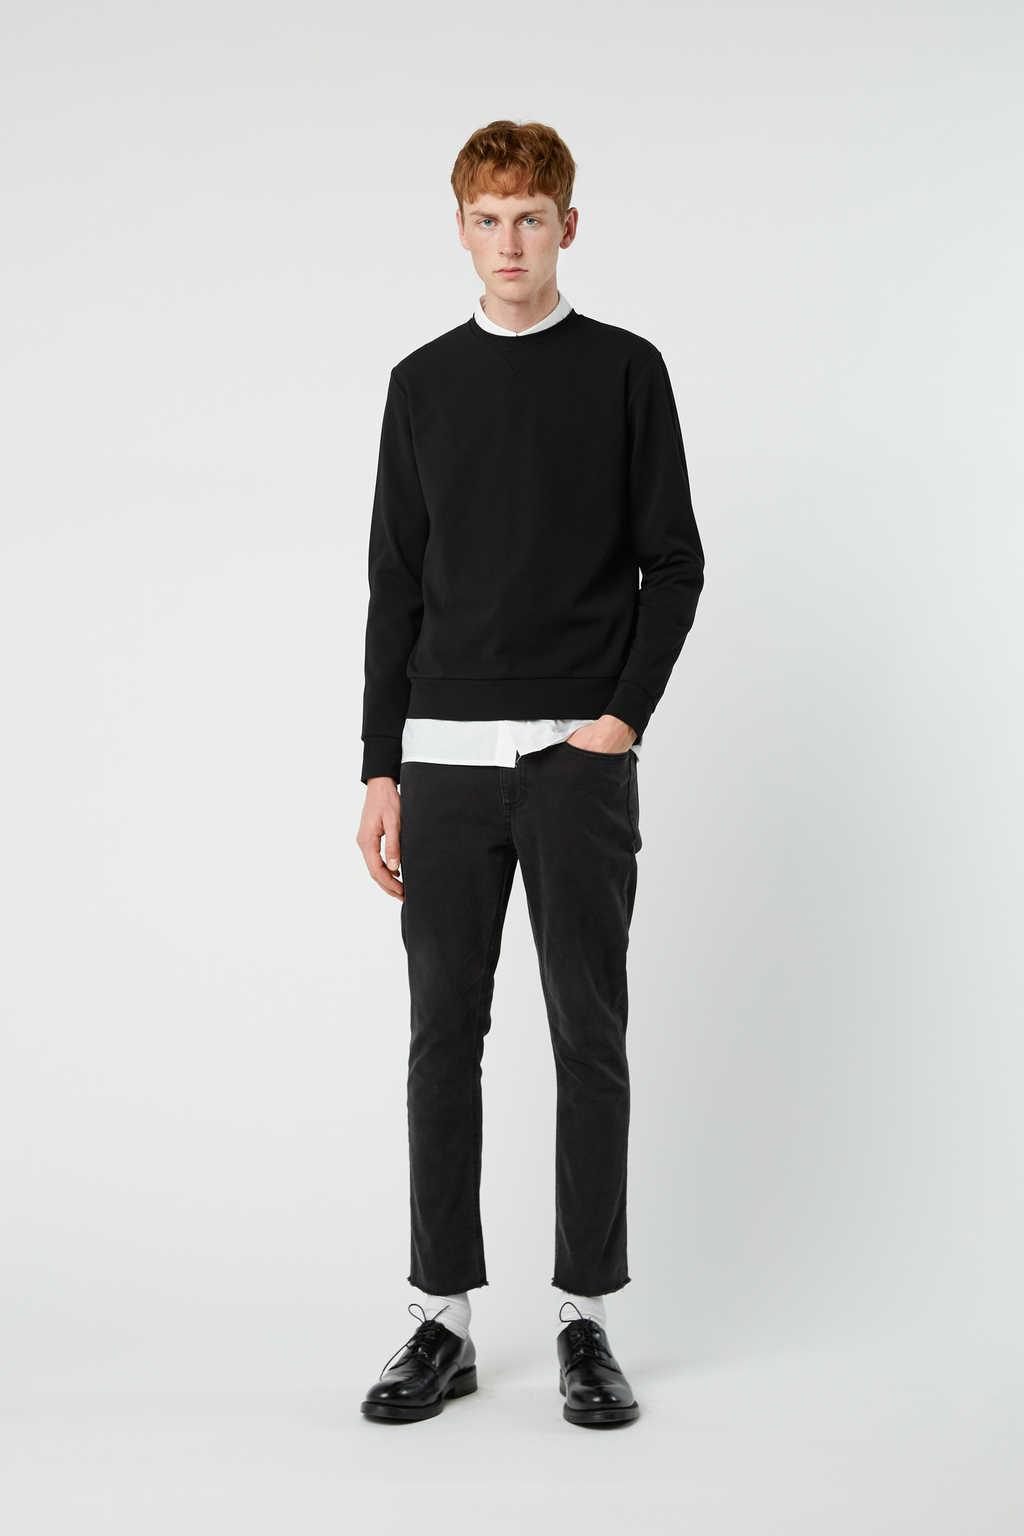 TShirt 2654 Black 13